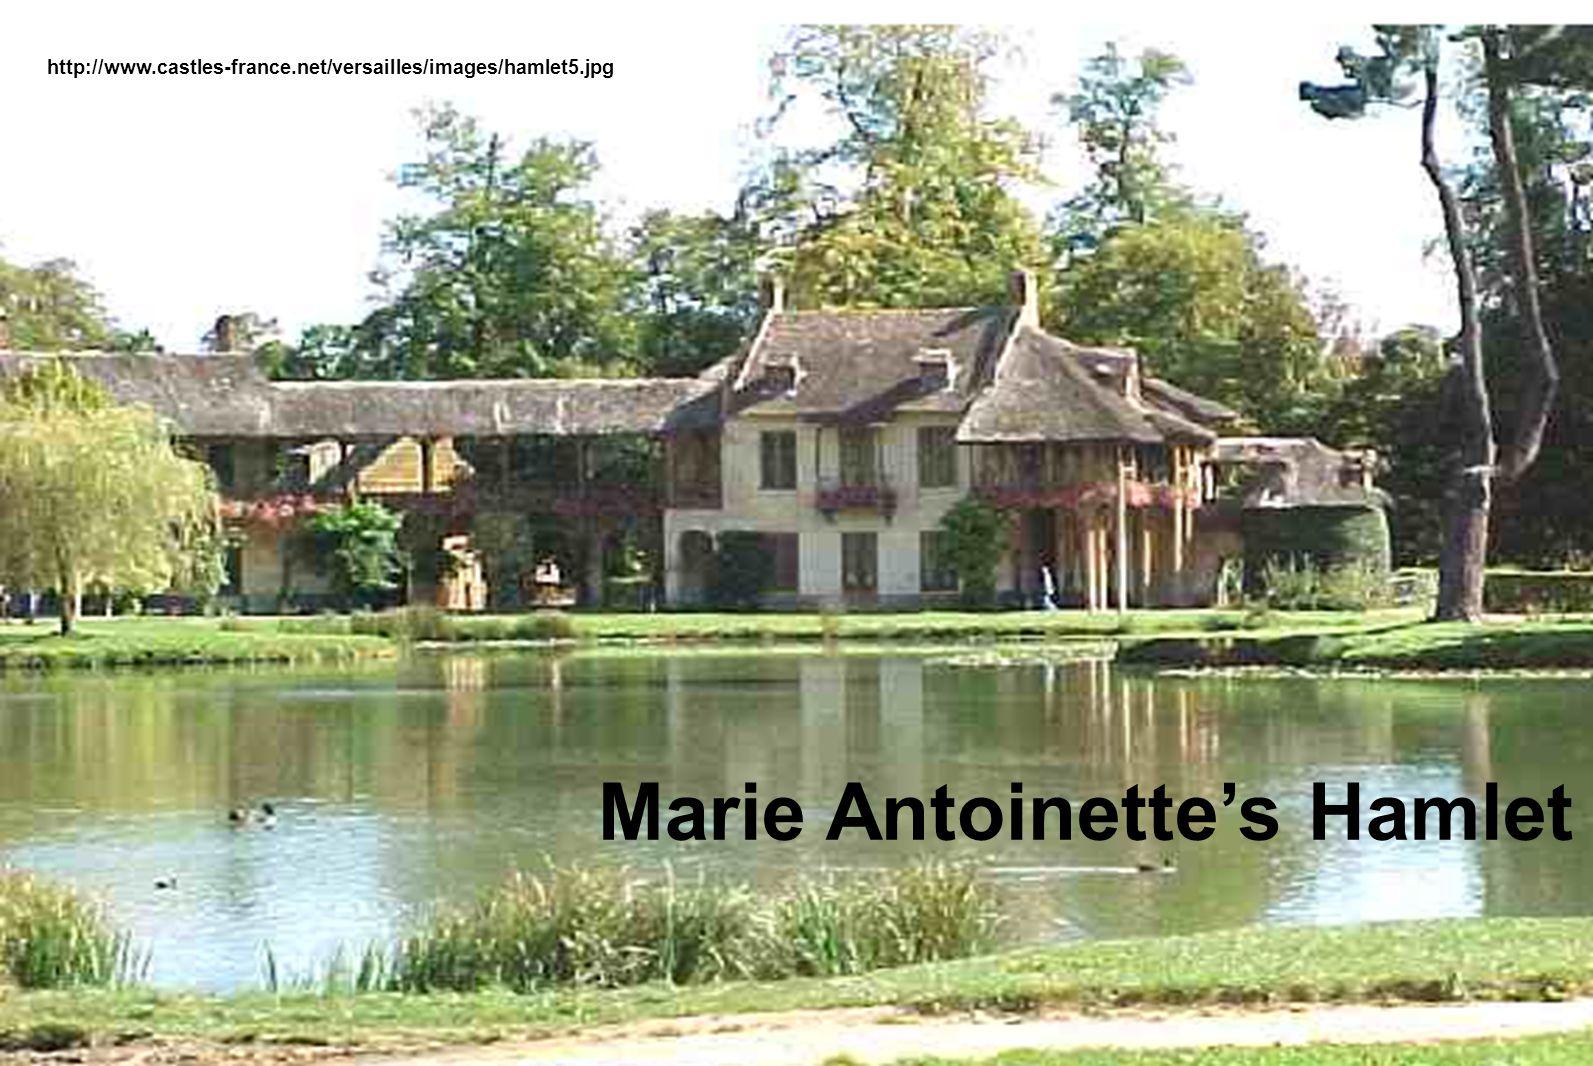 http://www.castles-france.net/versailles/images/hamlet5.jpg Marie Antoinette's Hamlet